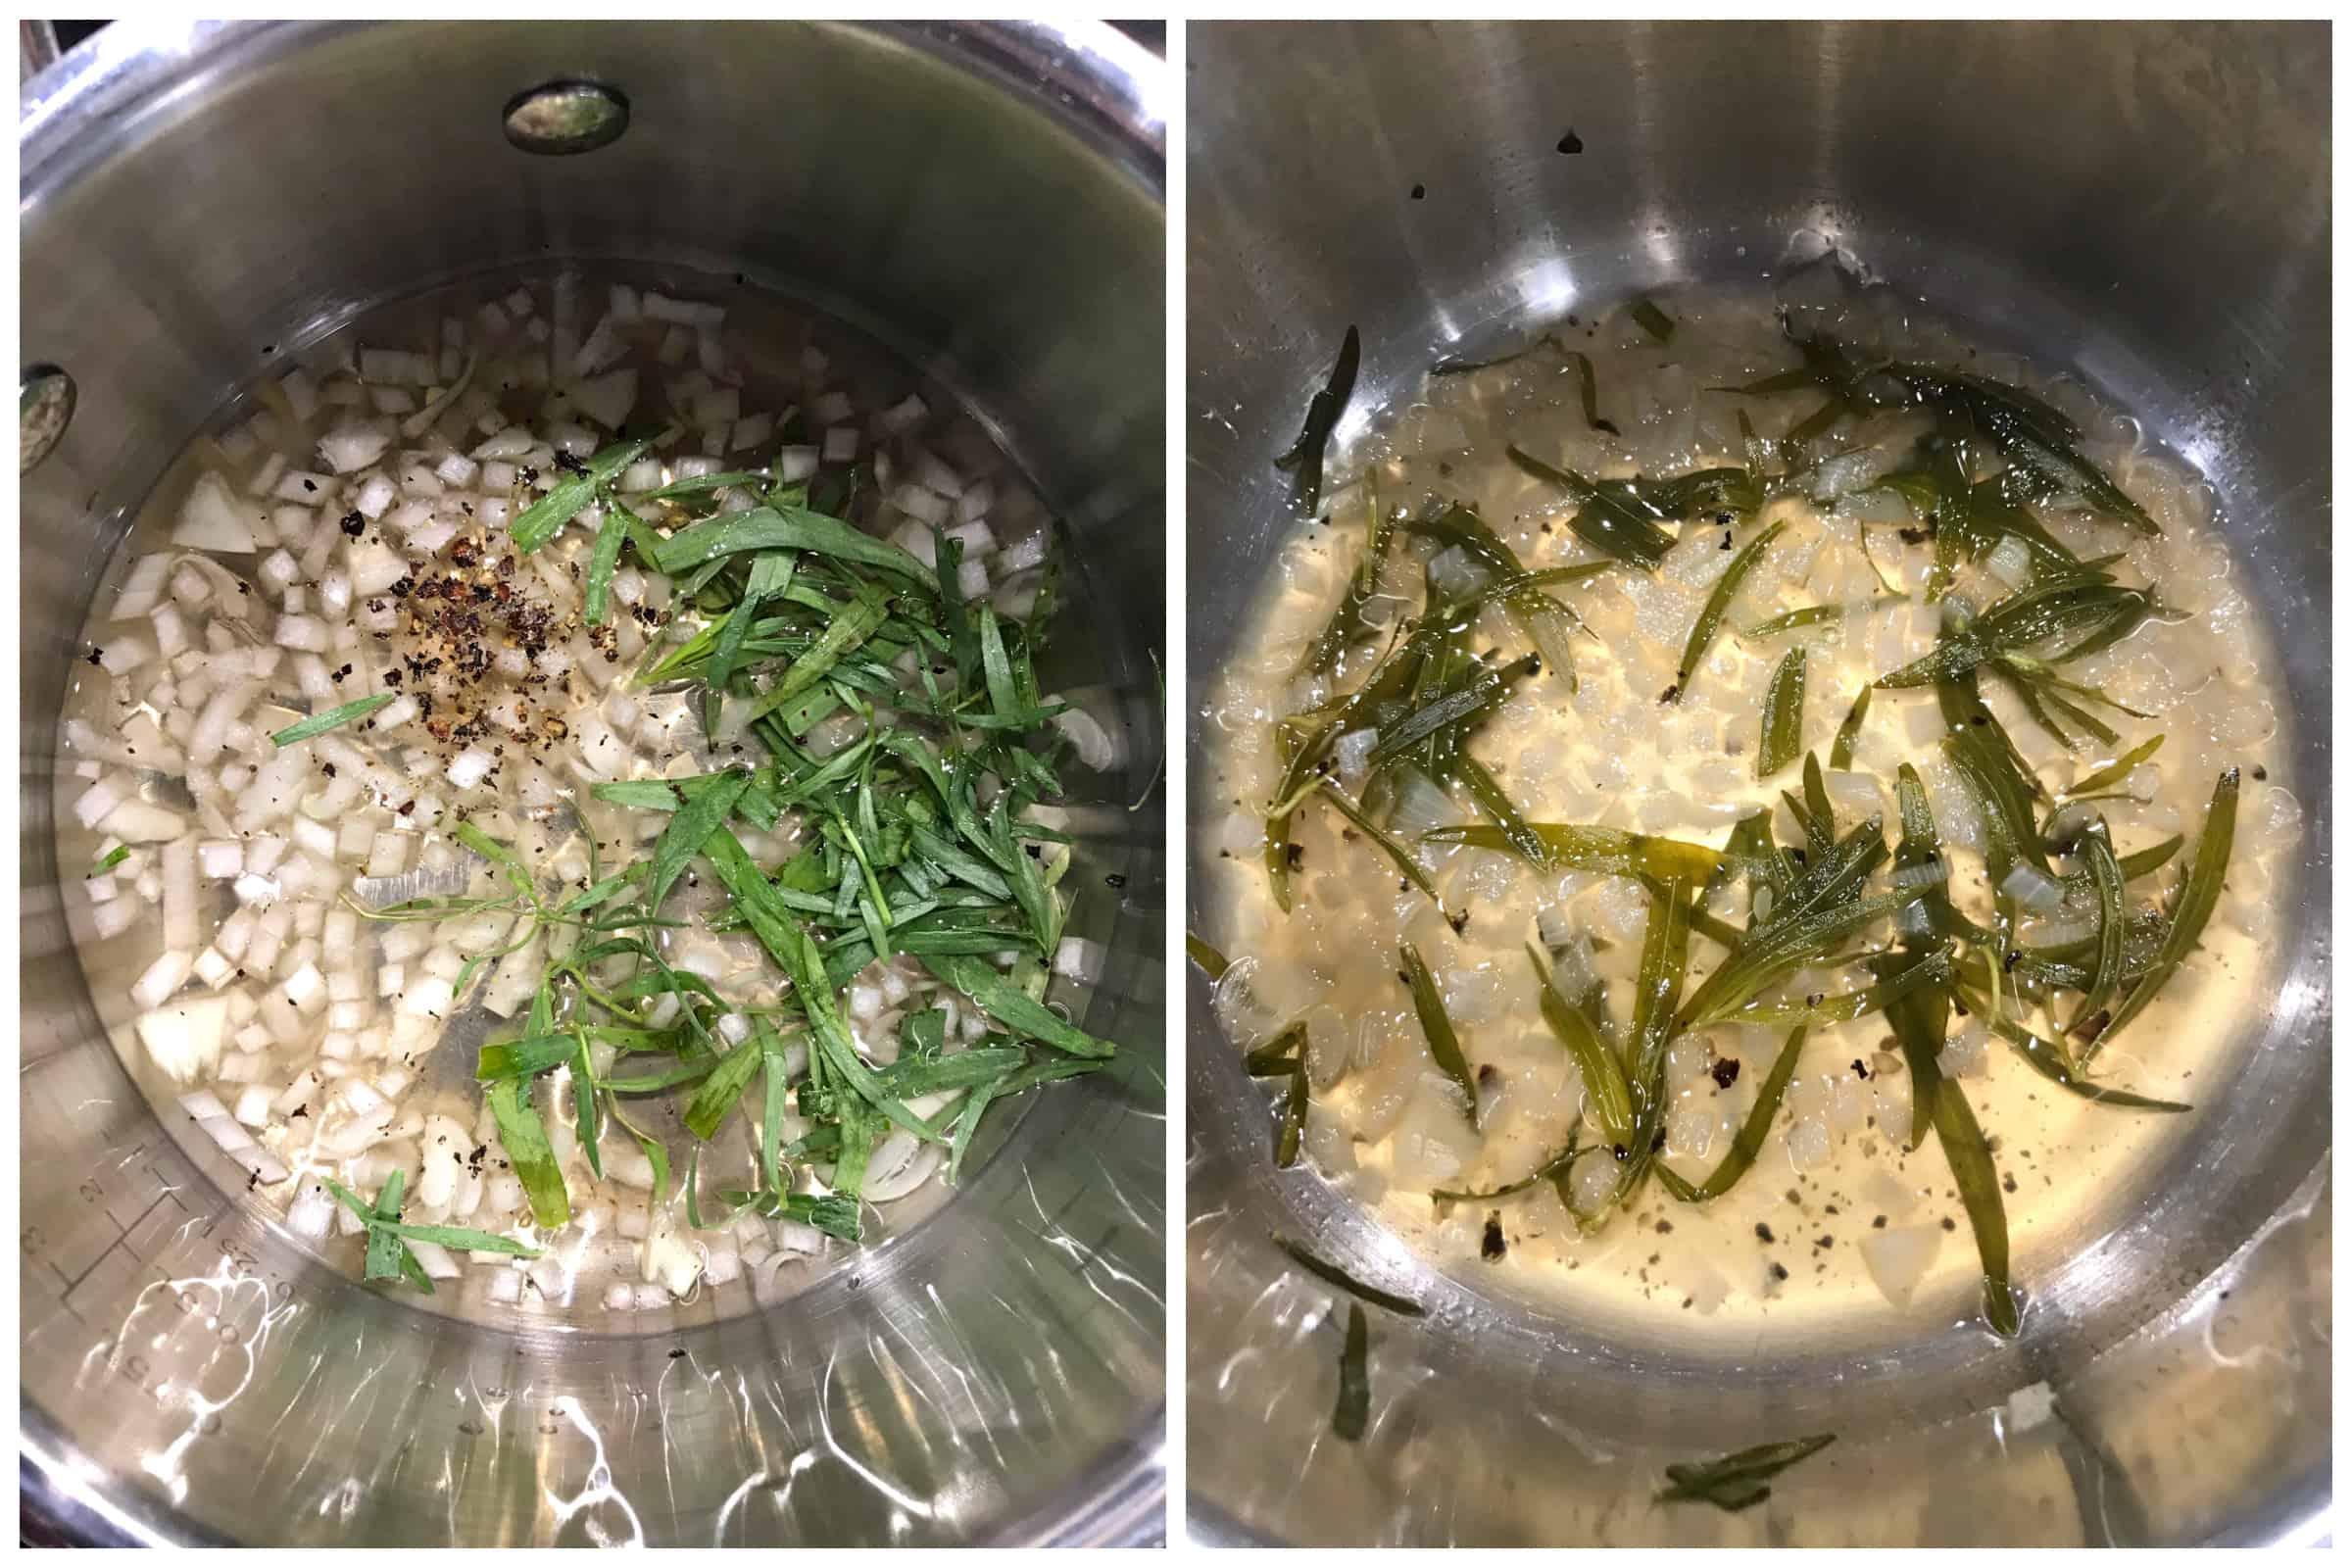 simmering ingredients in saucepan